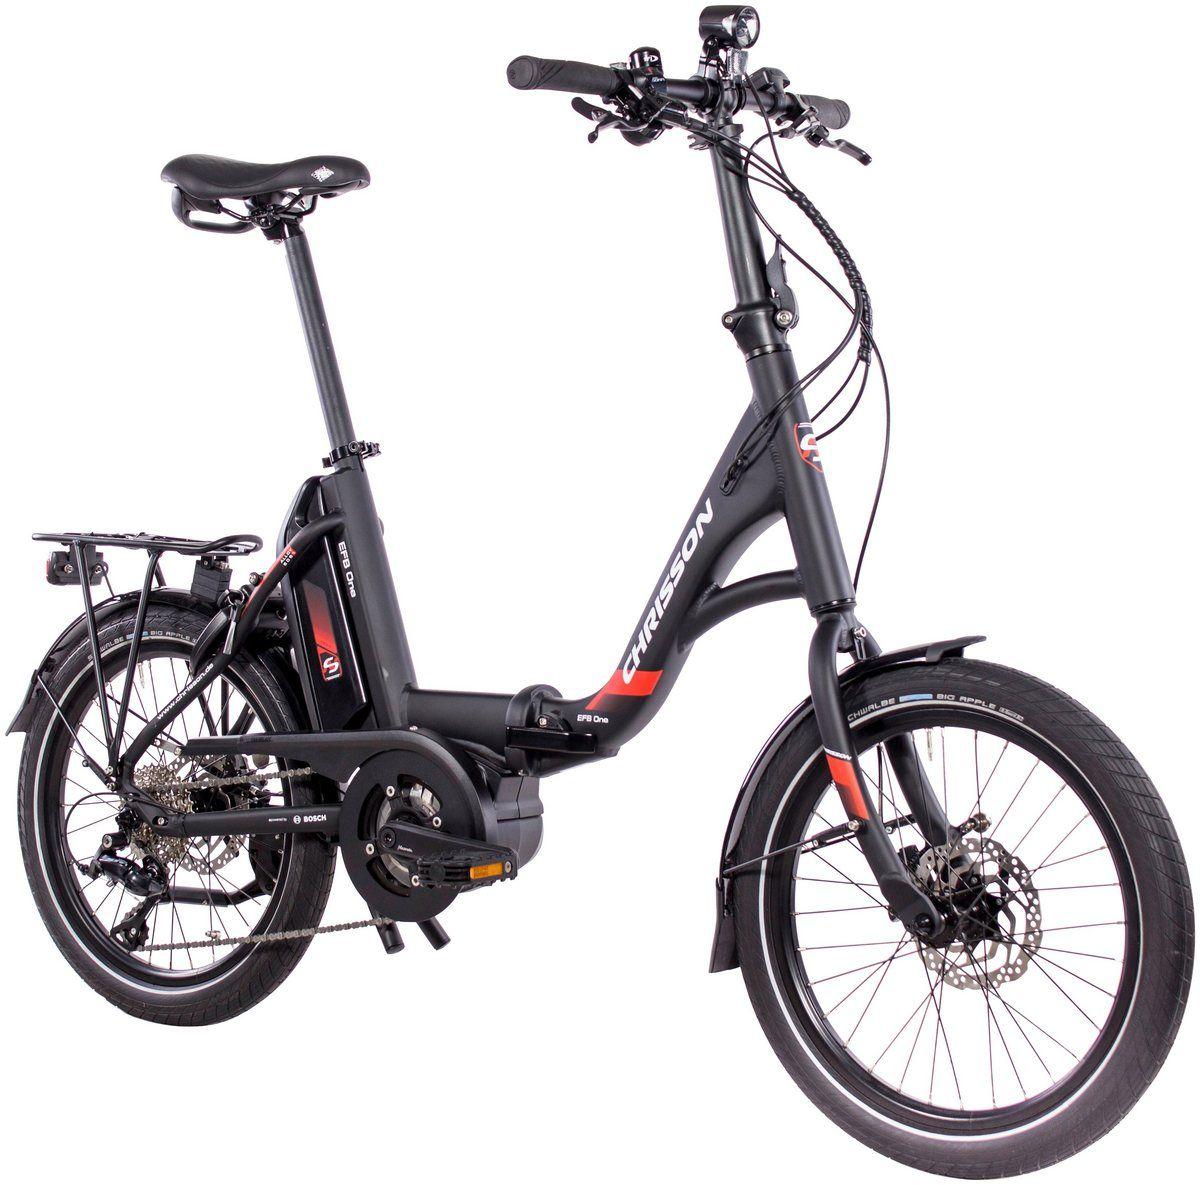 E Bike Klapprad Efb 9 Gang Shimano Sora Schaltwerk Zentralmotor 250 W Klapprad Laufrad Motor